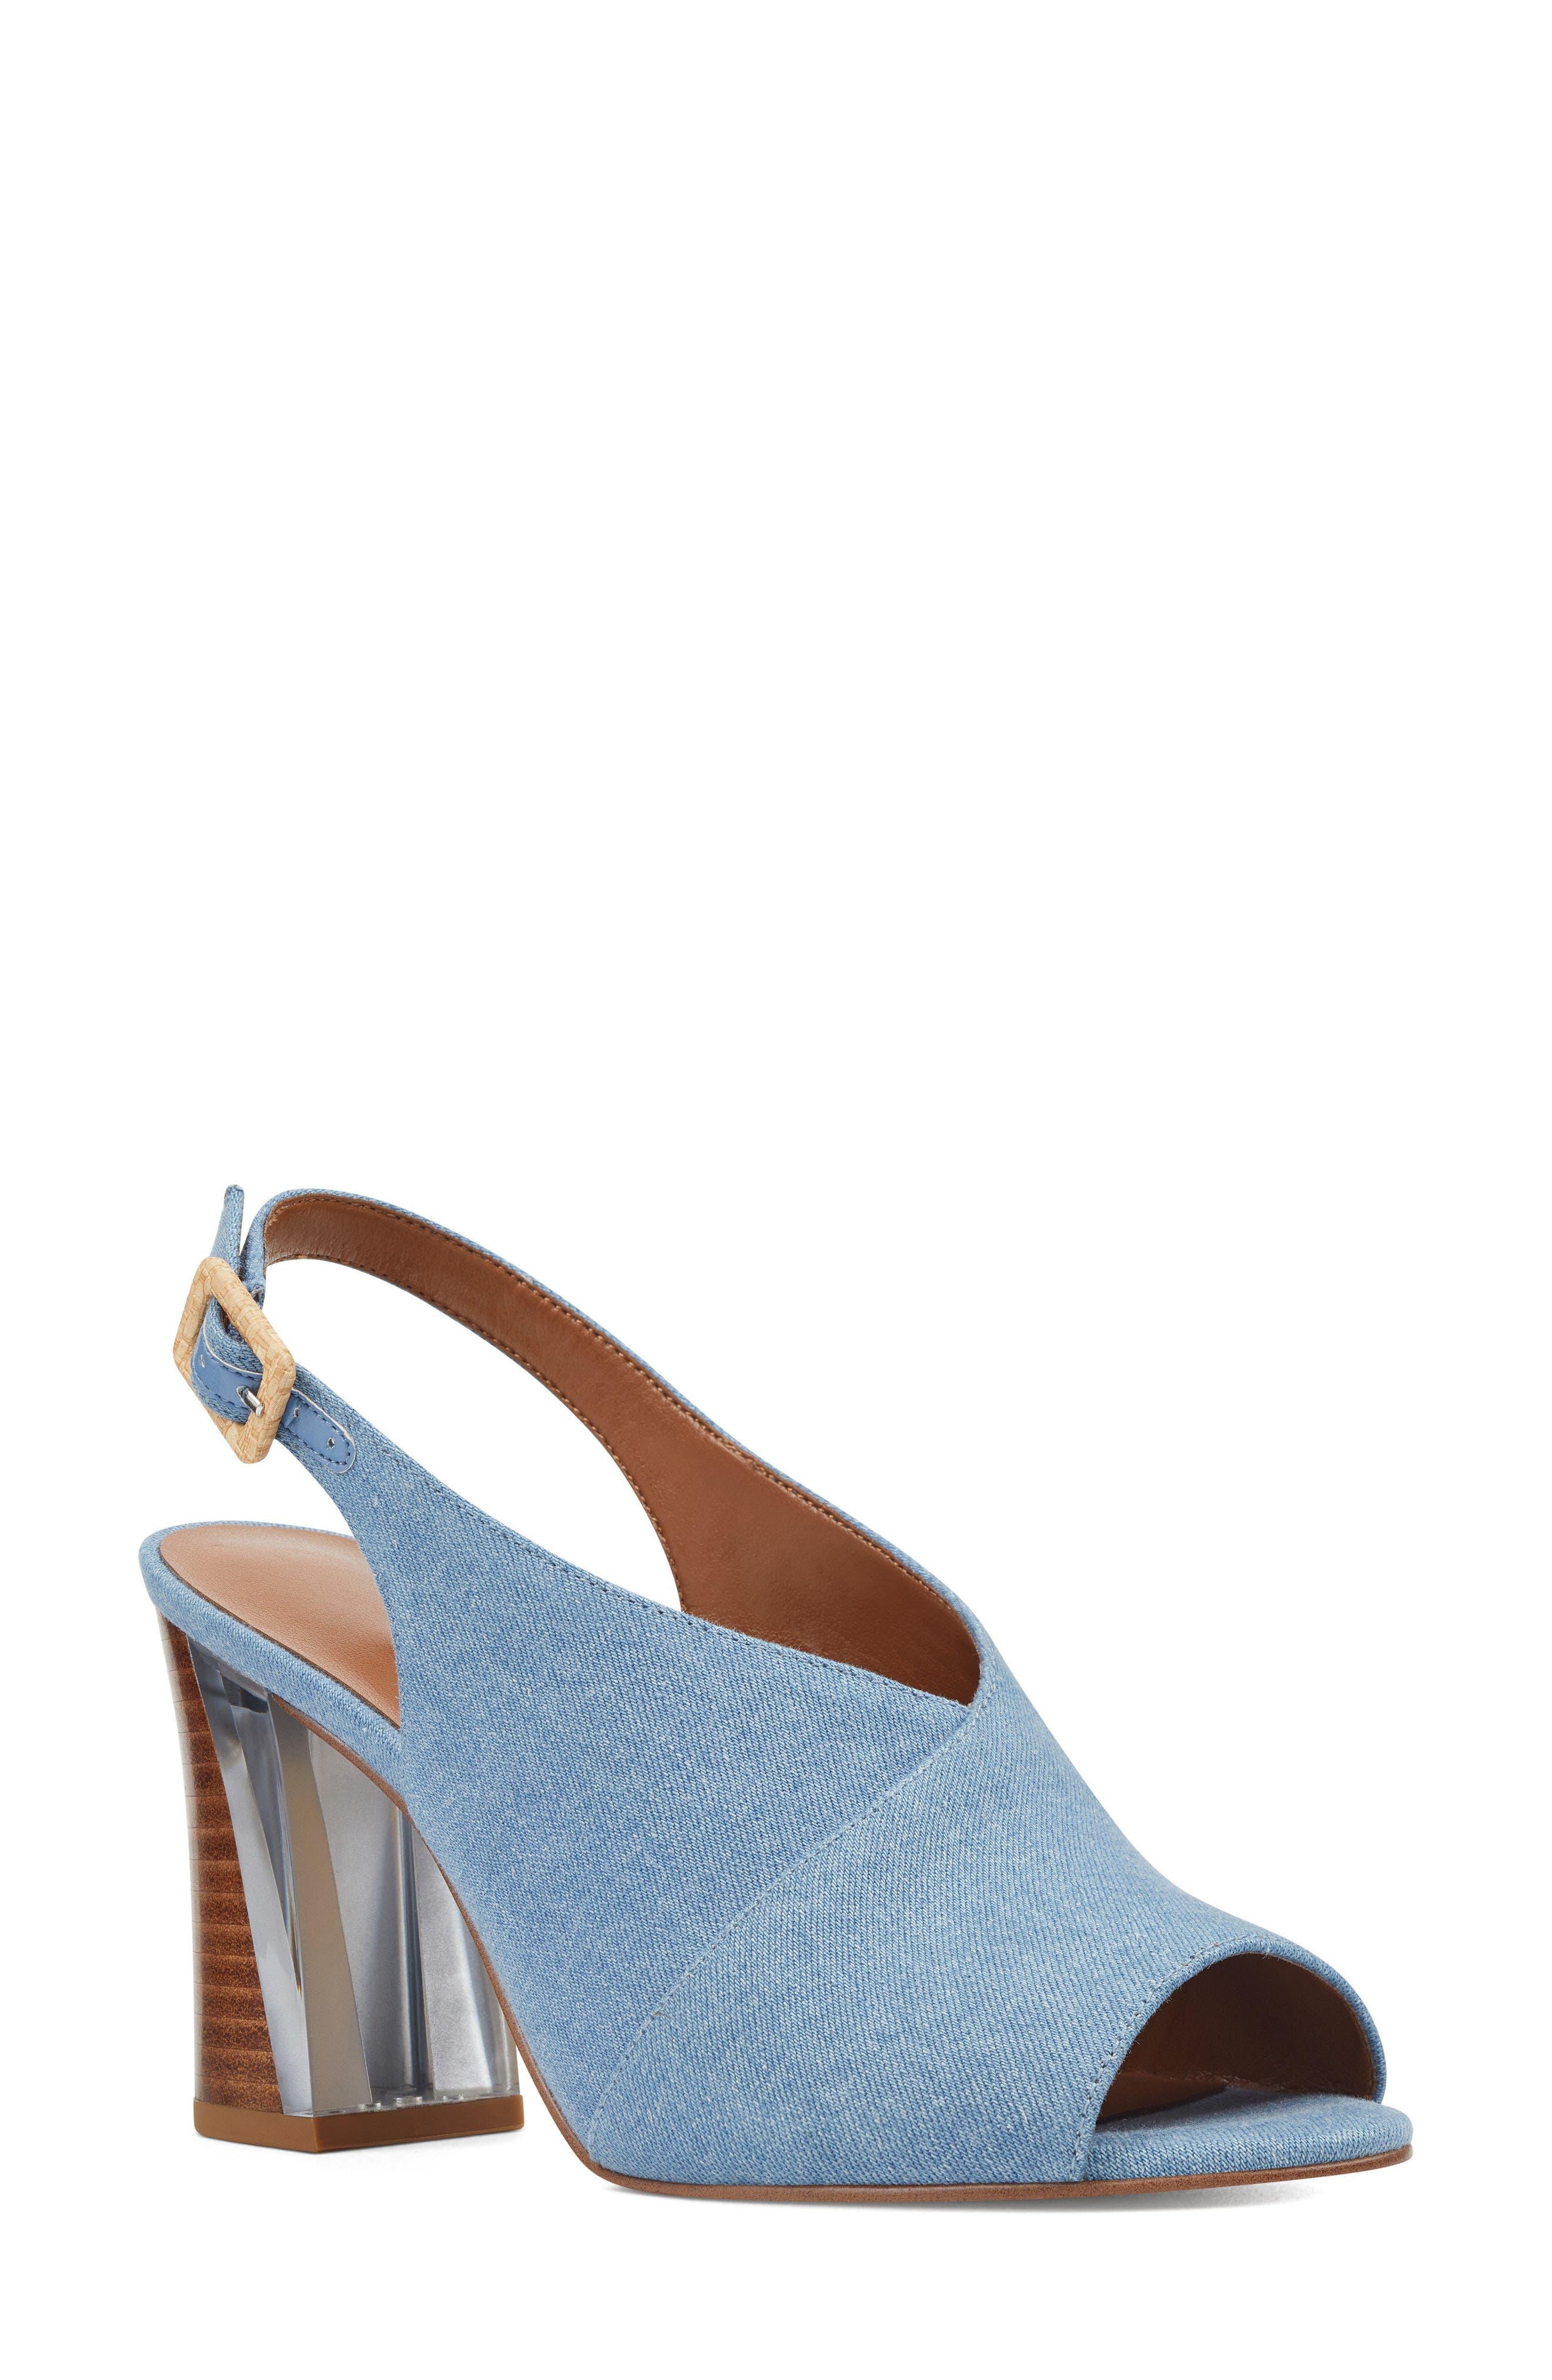 Morenzo Slingback Sandal,                             Main thumbnail 1, color,                             Light Blue Fabric